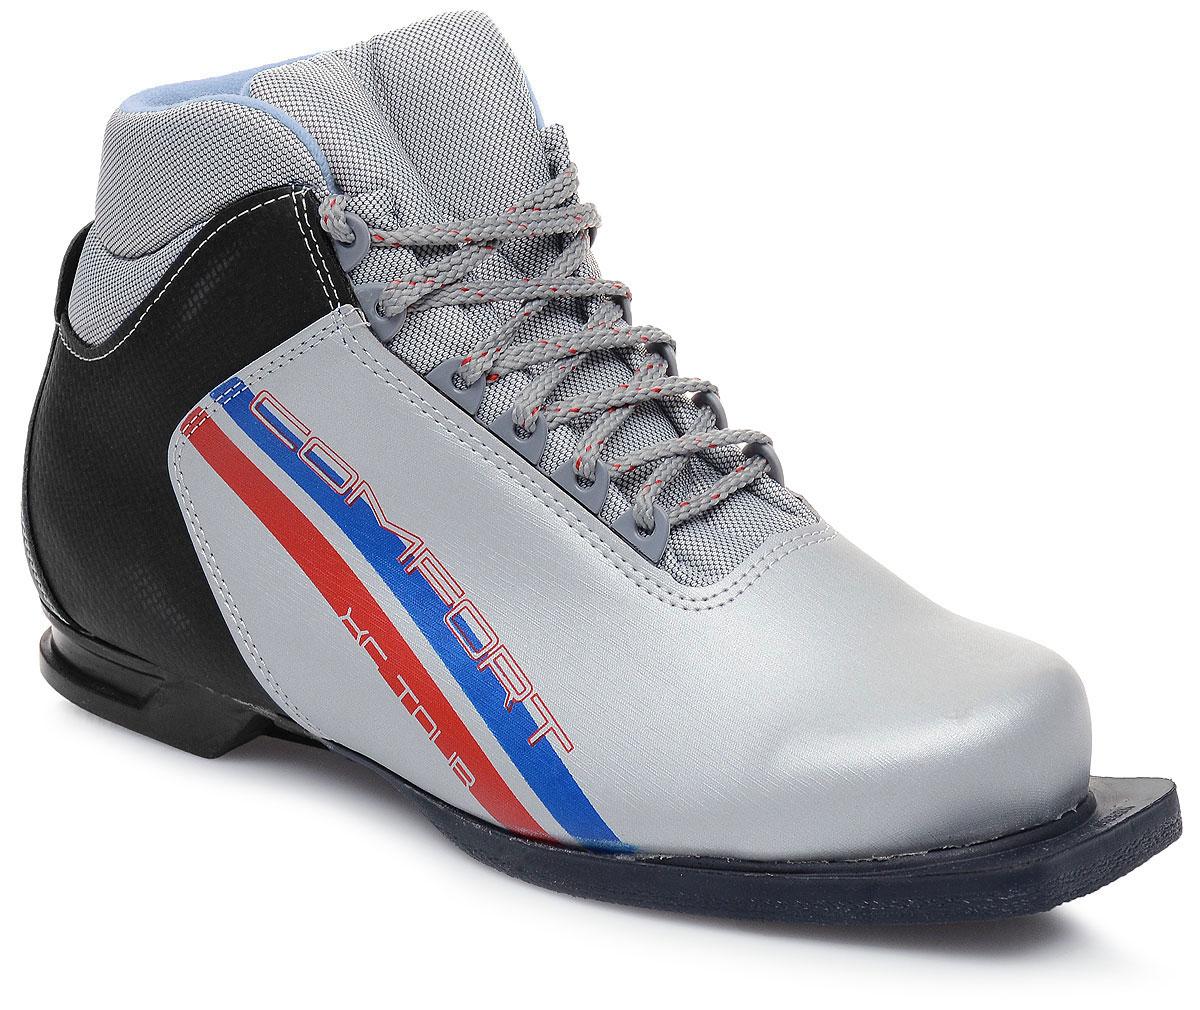 Ботинки лыжные Marax, цвет: серебристый, синий, черный. М350. Размер 42